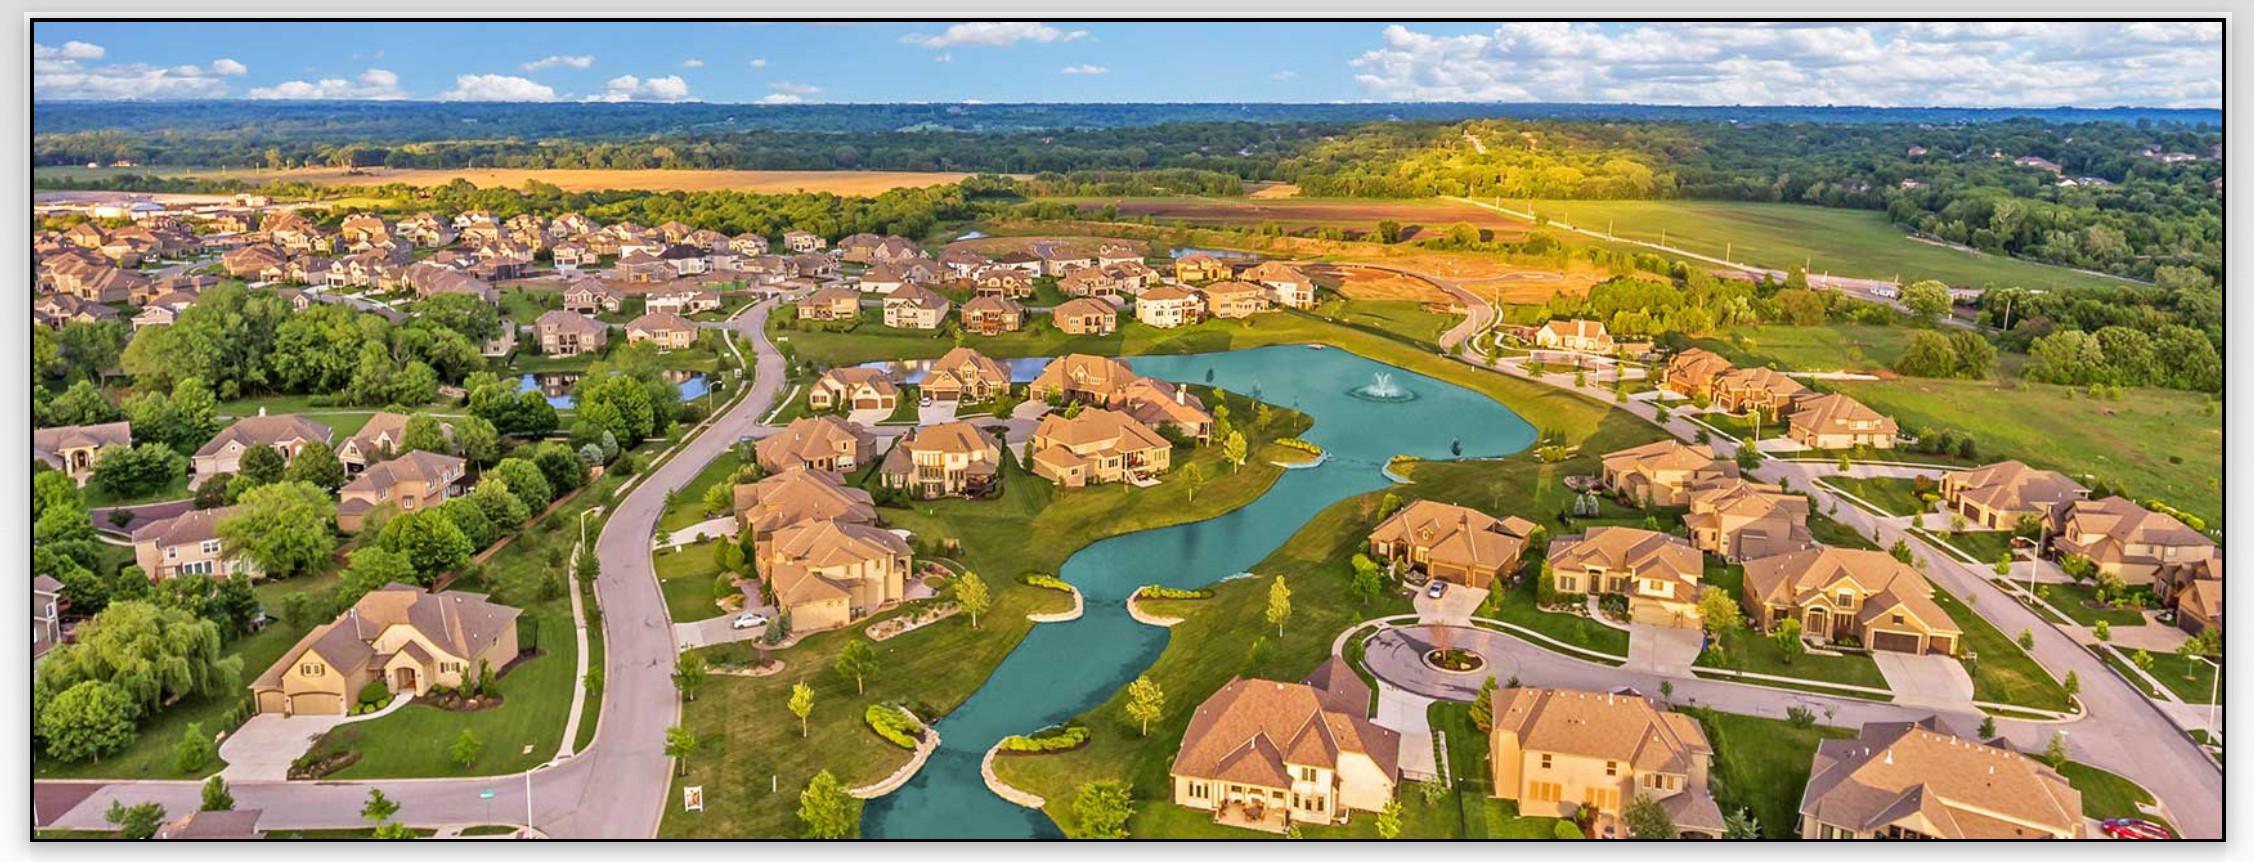 WatersEdge Lot 220 3711 W 158th Terrace OP, KS 66224 Spec Home